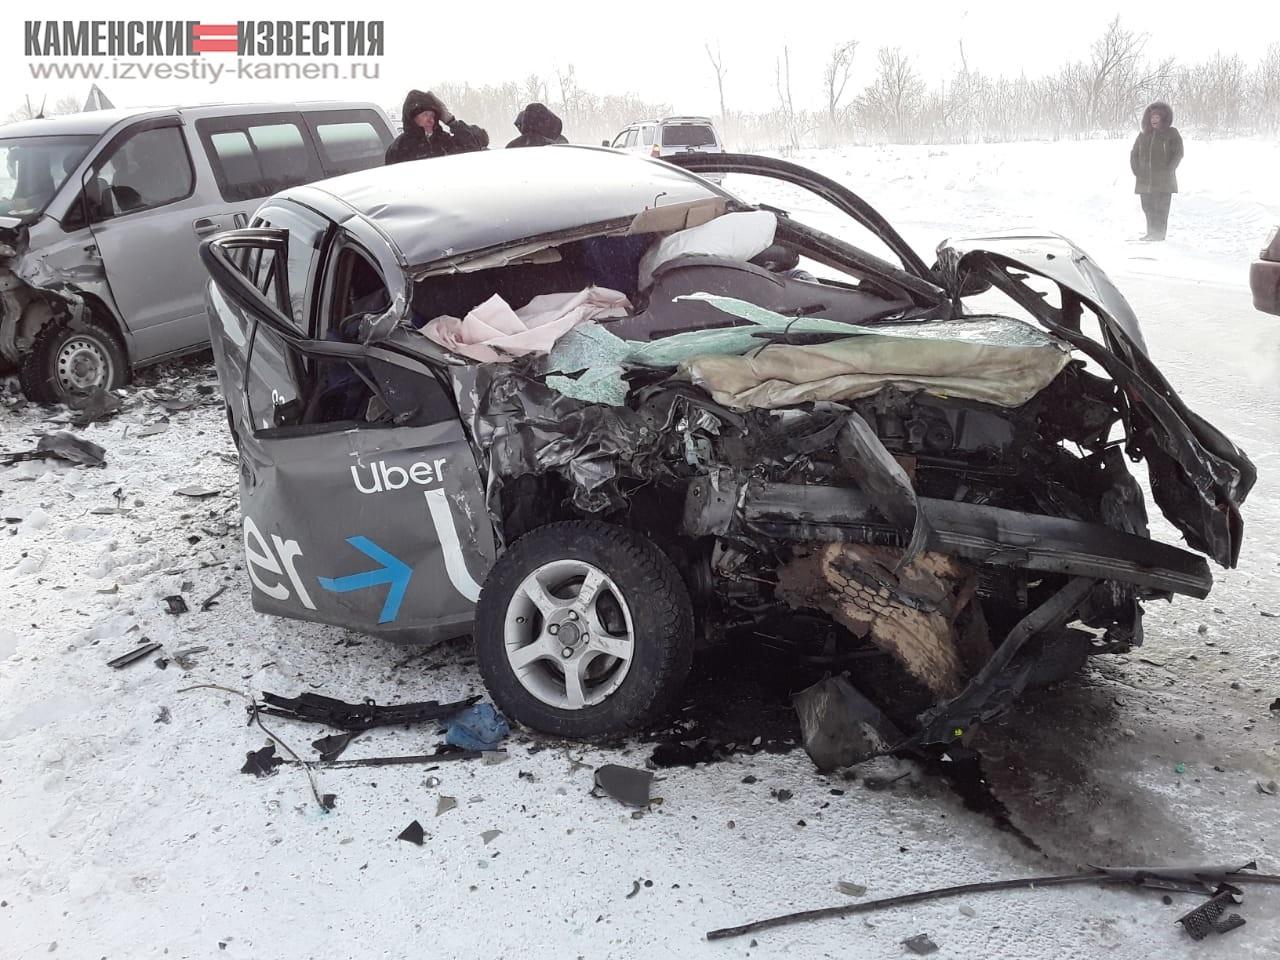 Водитель пассажир такси погибли лобовом столкновении авто алтайской трассе